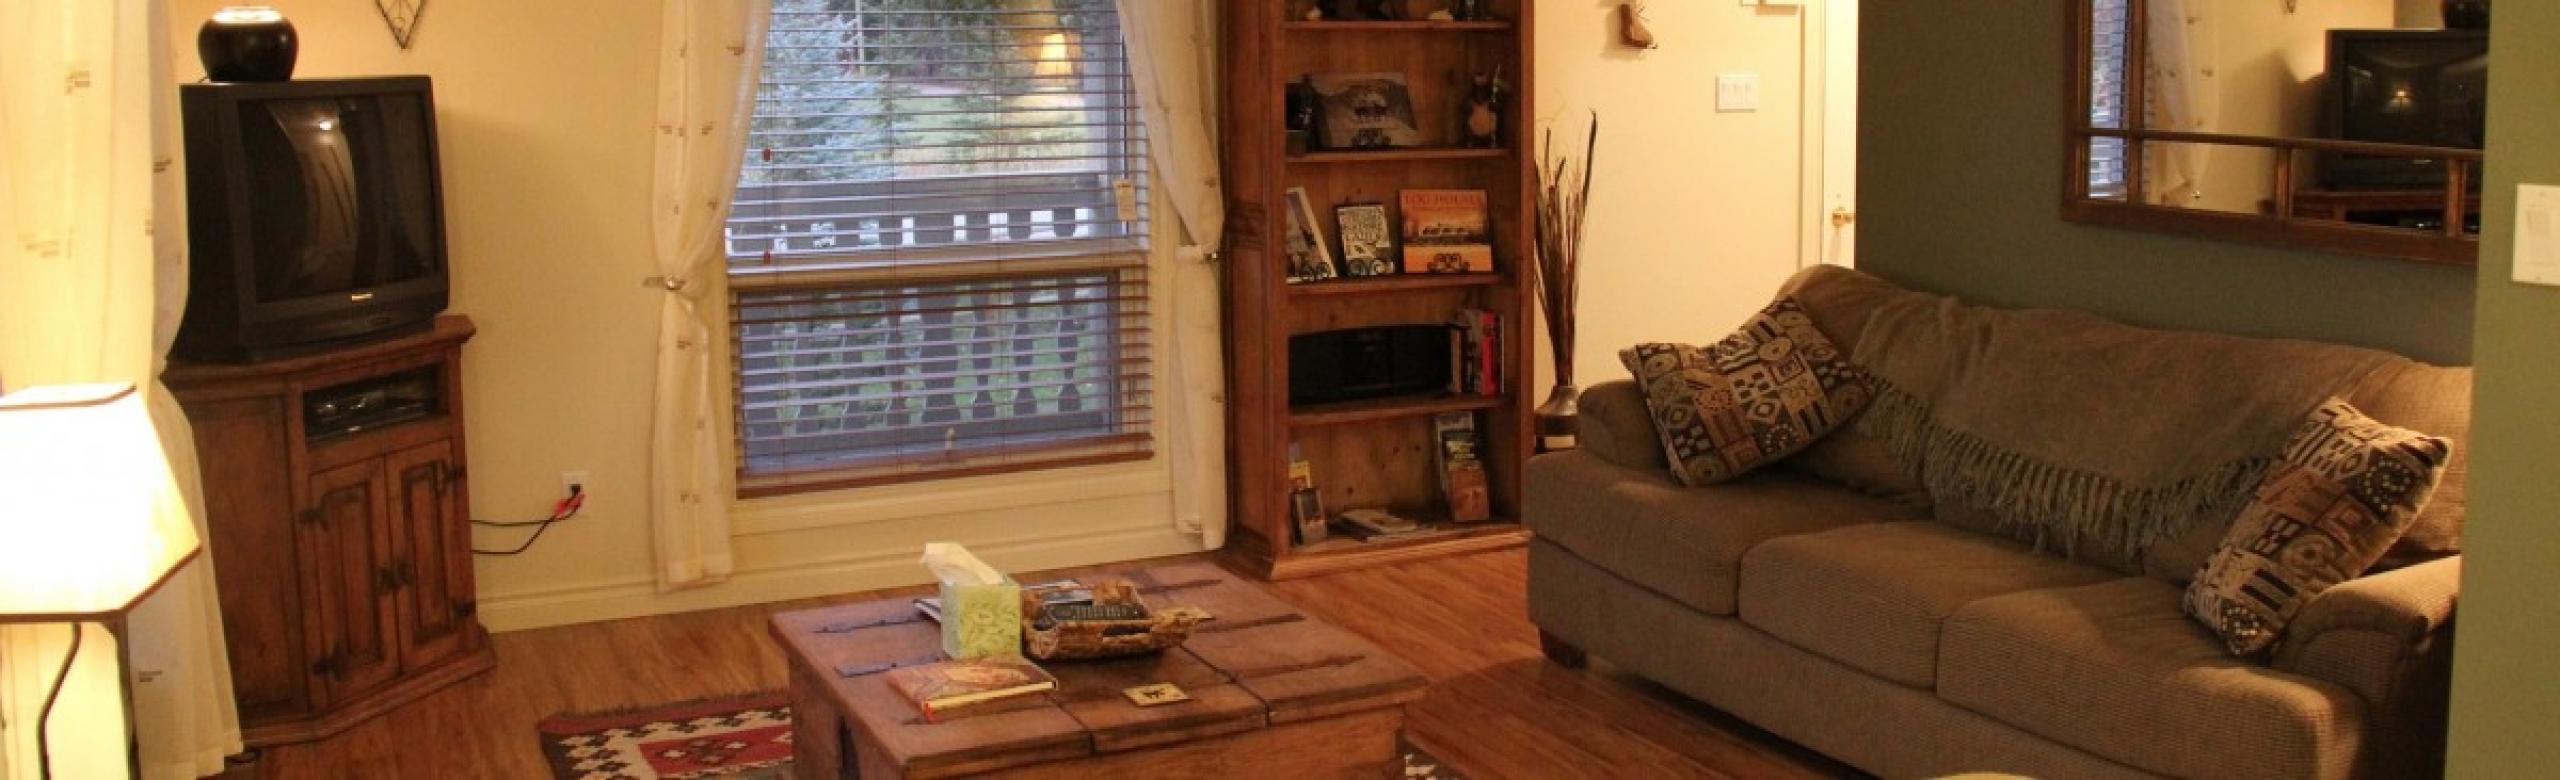 living room slider 1